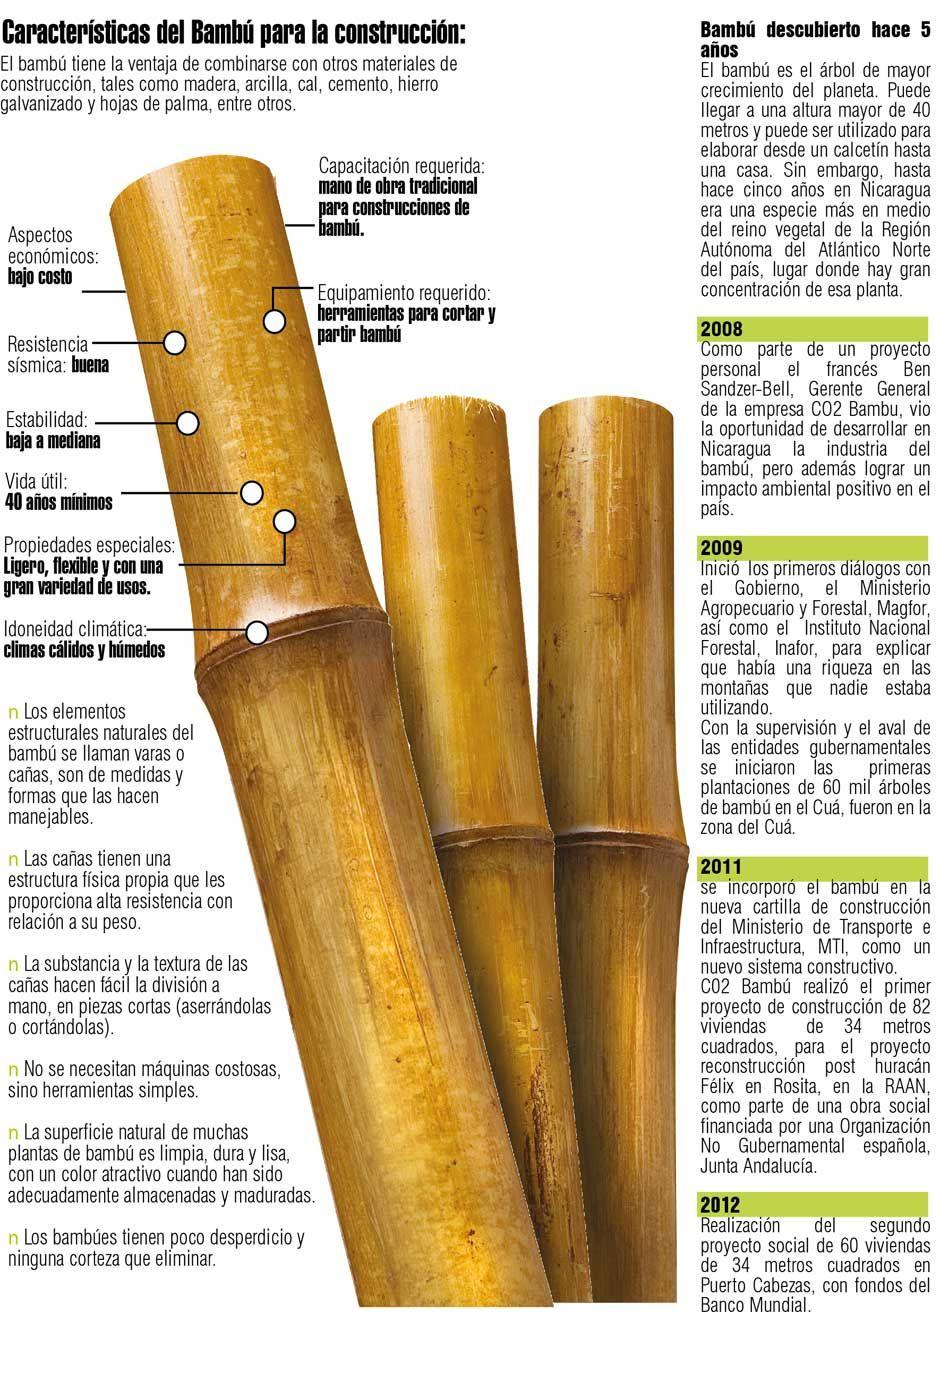 NICARAGUA:   CO2 Bambú  Un árbol de bambú podría ser para algunos una especie más en el reino vegetal. Para otros, podría ser una planta sin pena ni gloria que no rinde frutos. Sin embargo, para Ben Sandzer-Bell significa una bendición de la naturaleza, cuyo material puede ser utilizado para la construcción de viviendas.